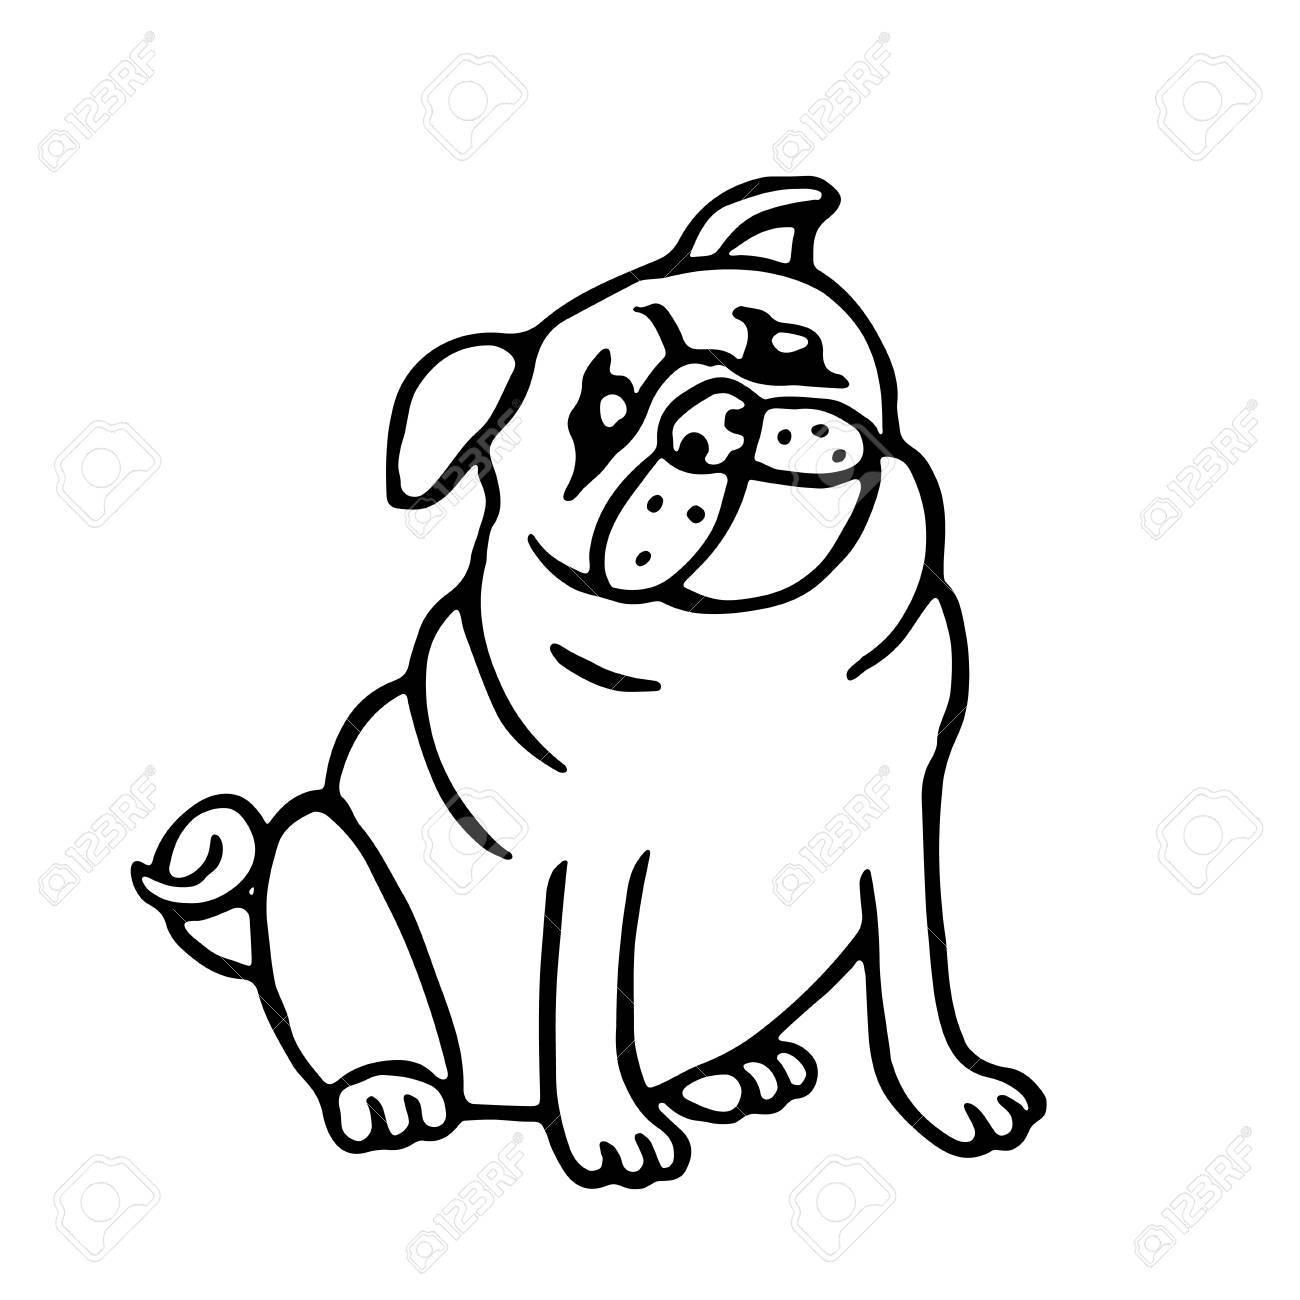 Lindo Contorno Pug. Ilustración De Vector Aislado. Perro De Dibujos ...